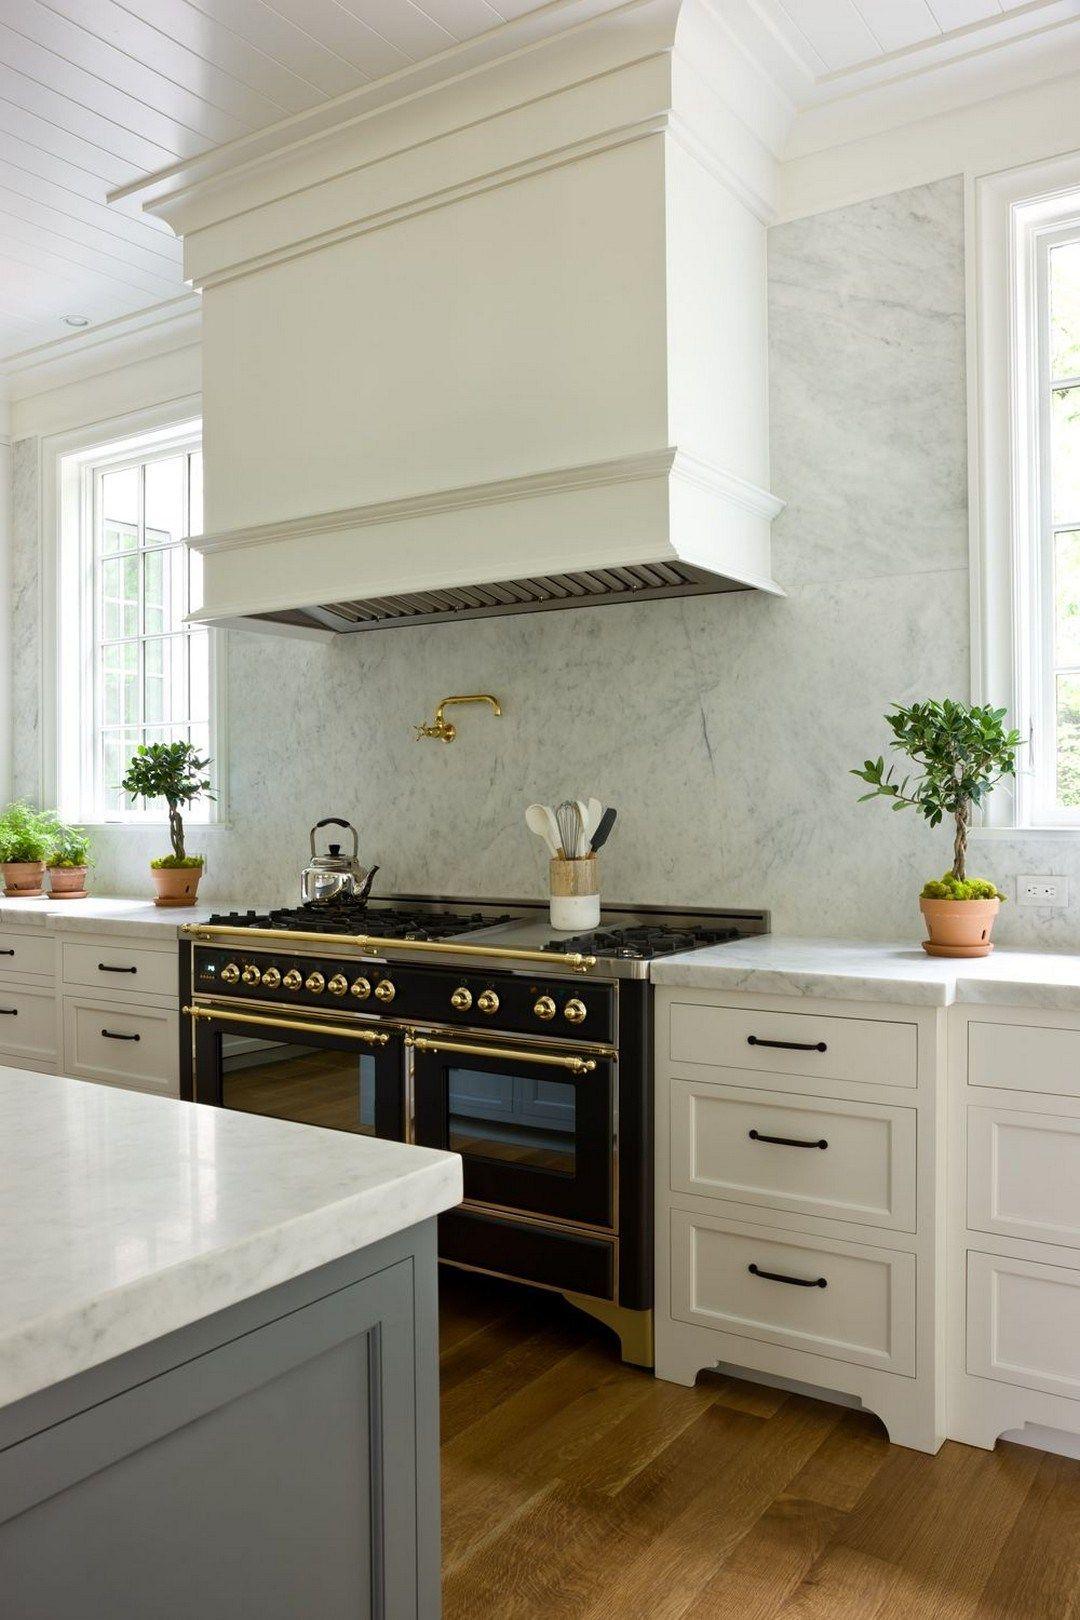 29 elegant simple kitchen cabinets ideas 12 simple kitchen cabinets simple kitchen diy on kitchen ideas simple id=84945